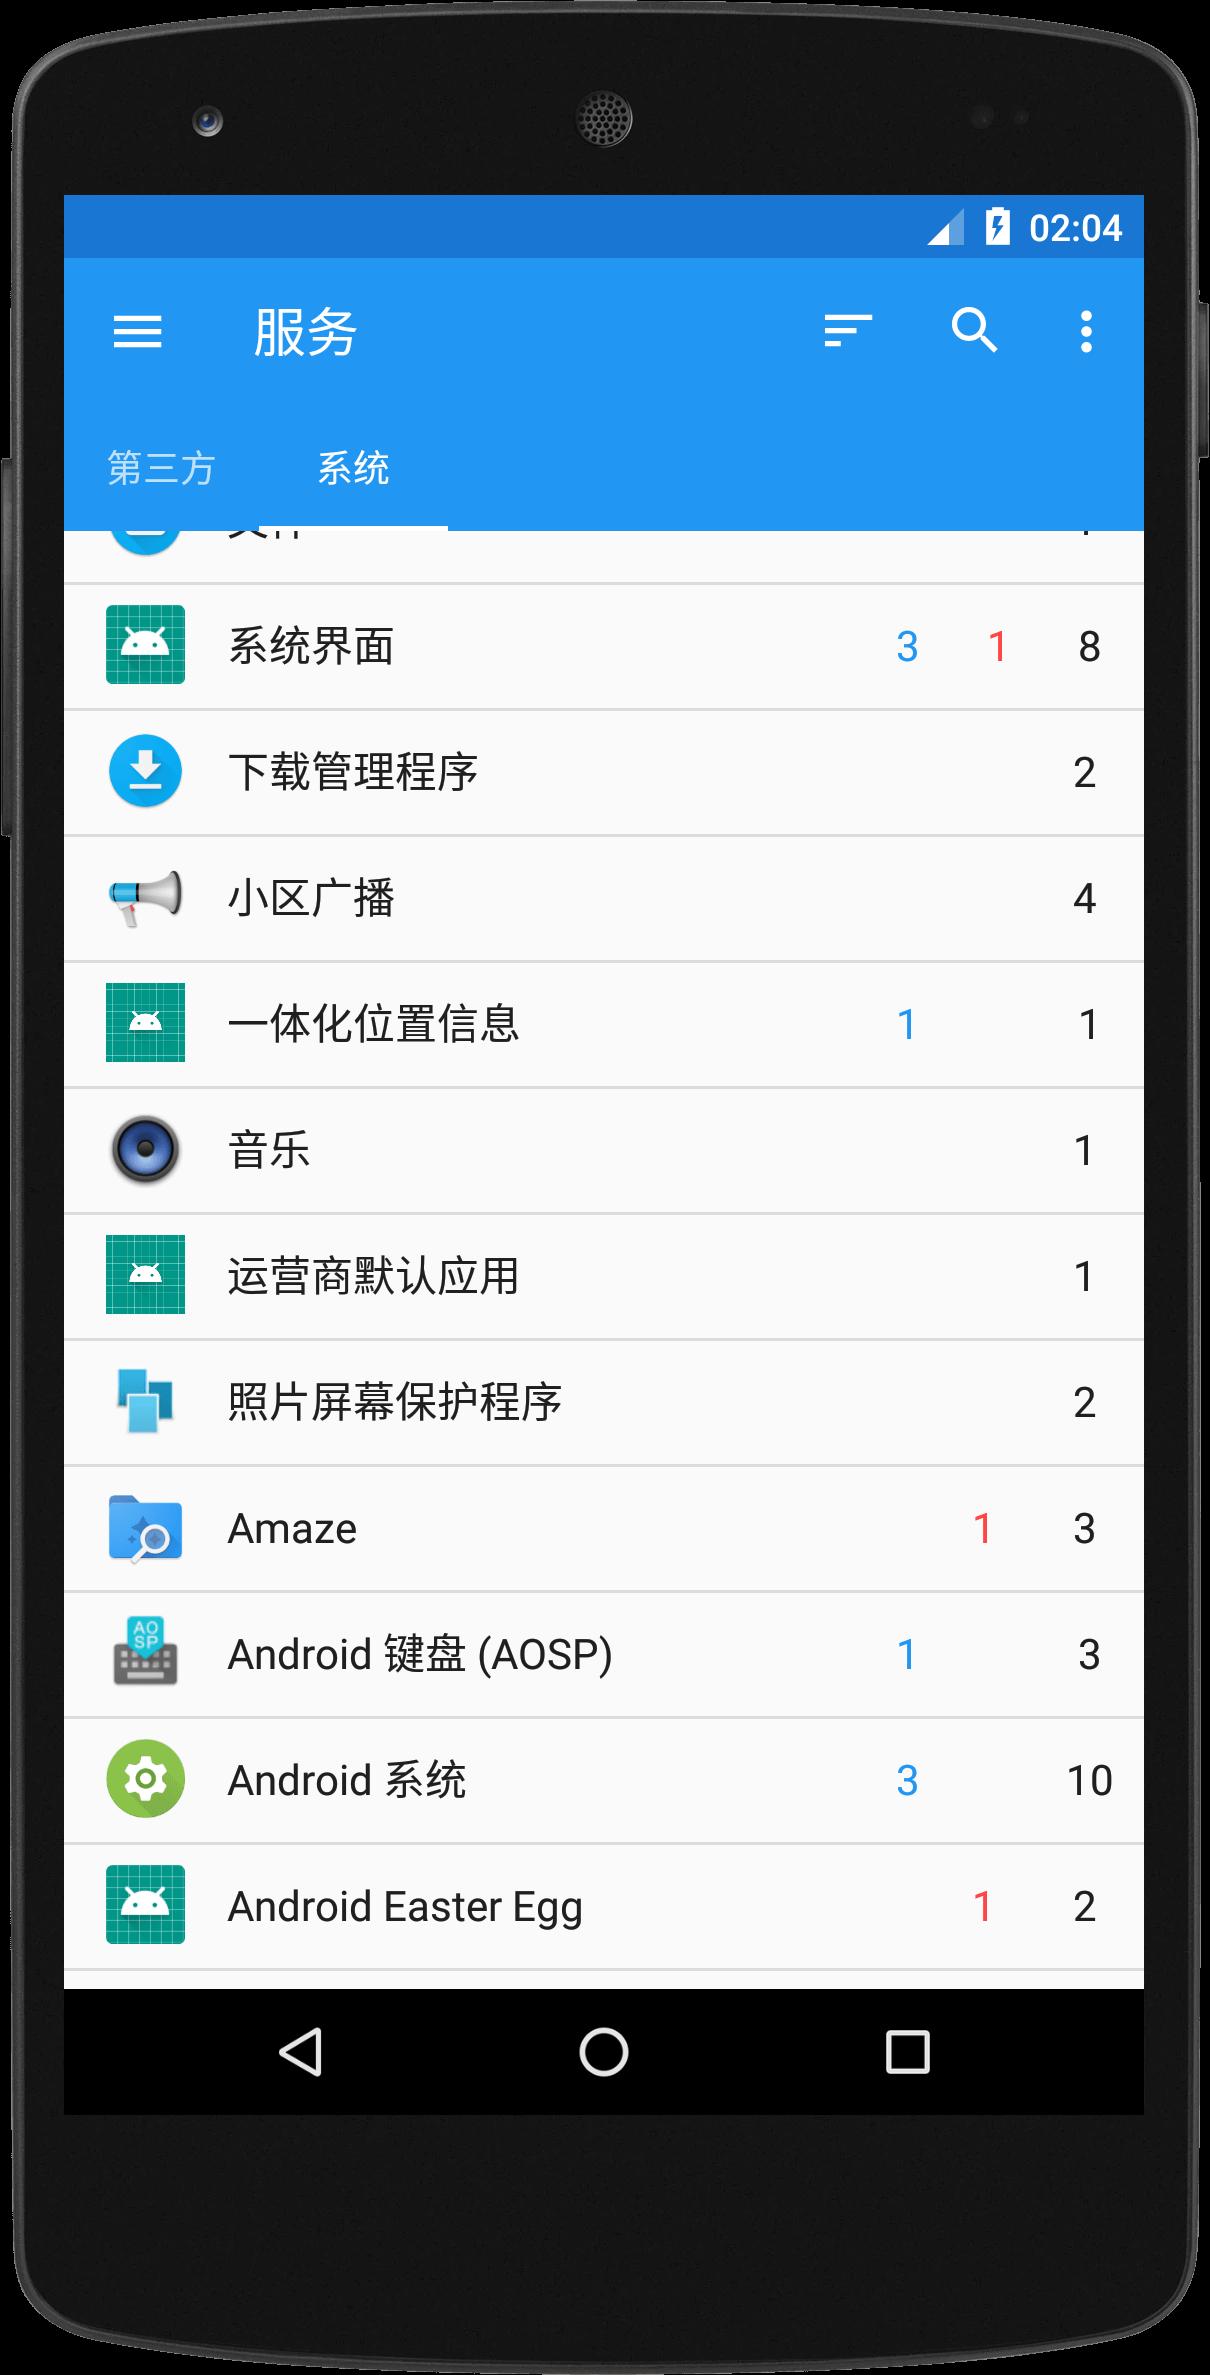 [包含服务数量的应用列表]